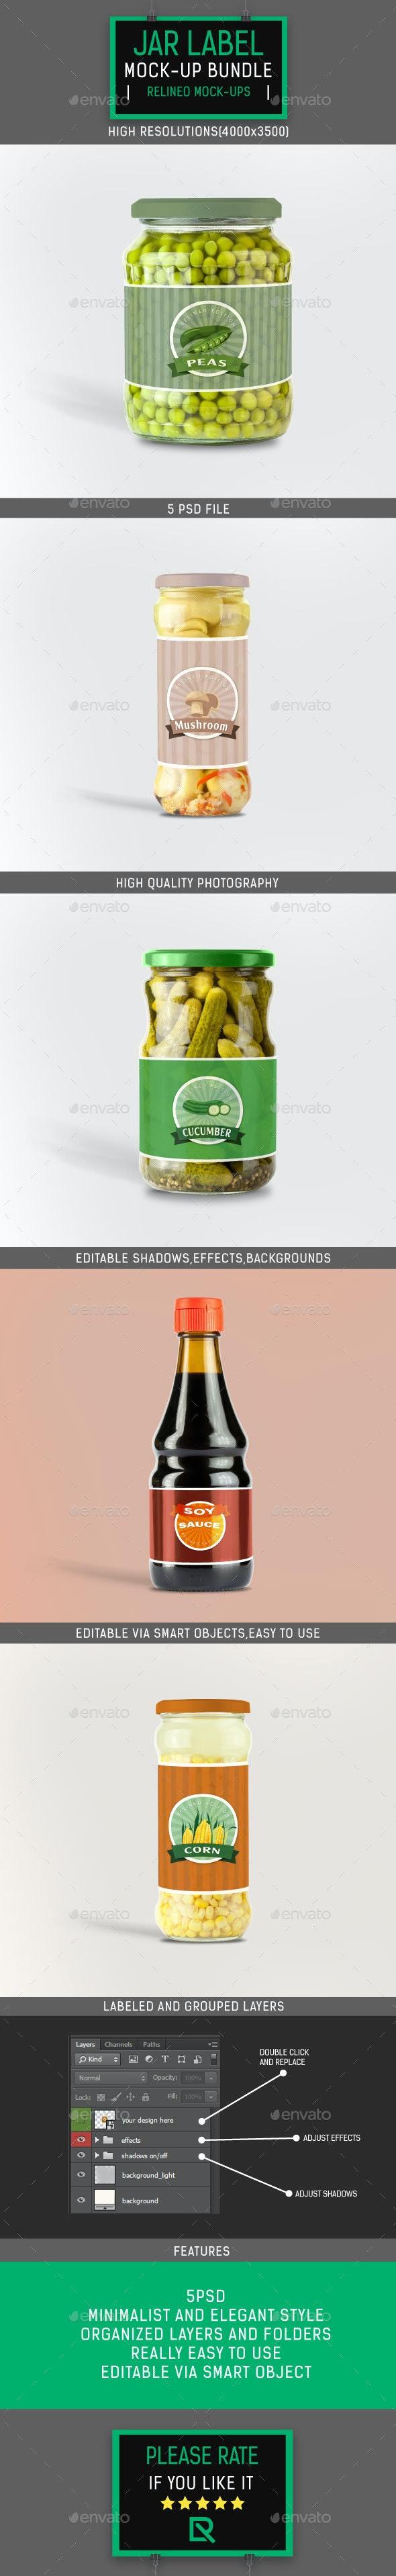 Jar Bottle Label Mock-up Bundle - Food and Drink Packaging